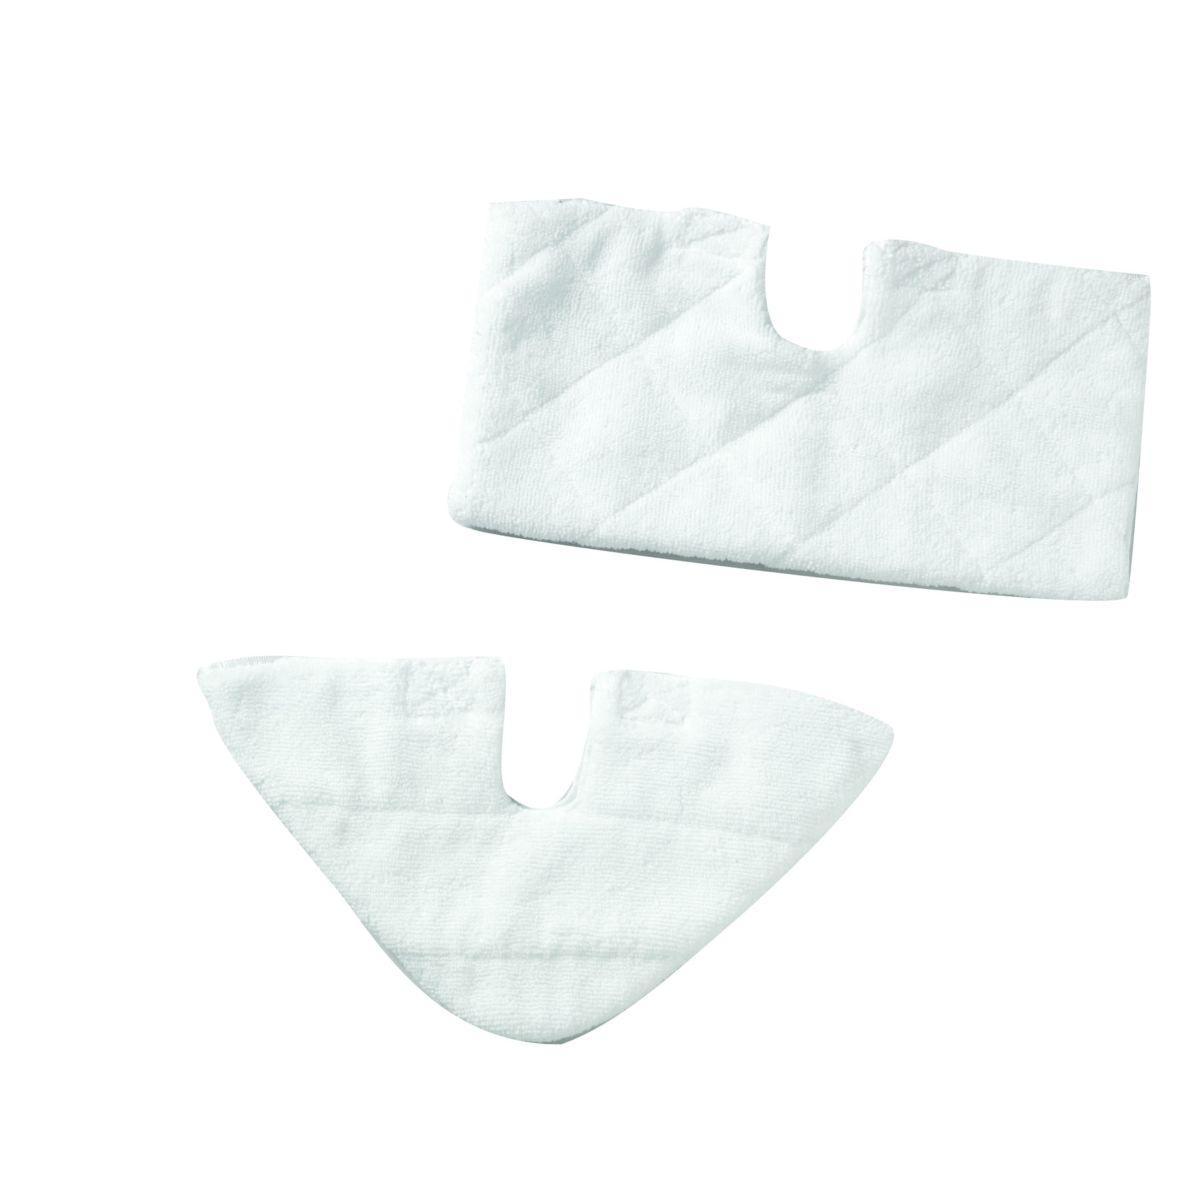 Lingette simeo 1 rectang/1 triangul - 20% de remise imm�diate avec le code : deal20